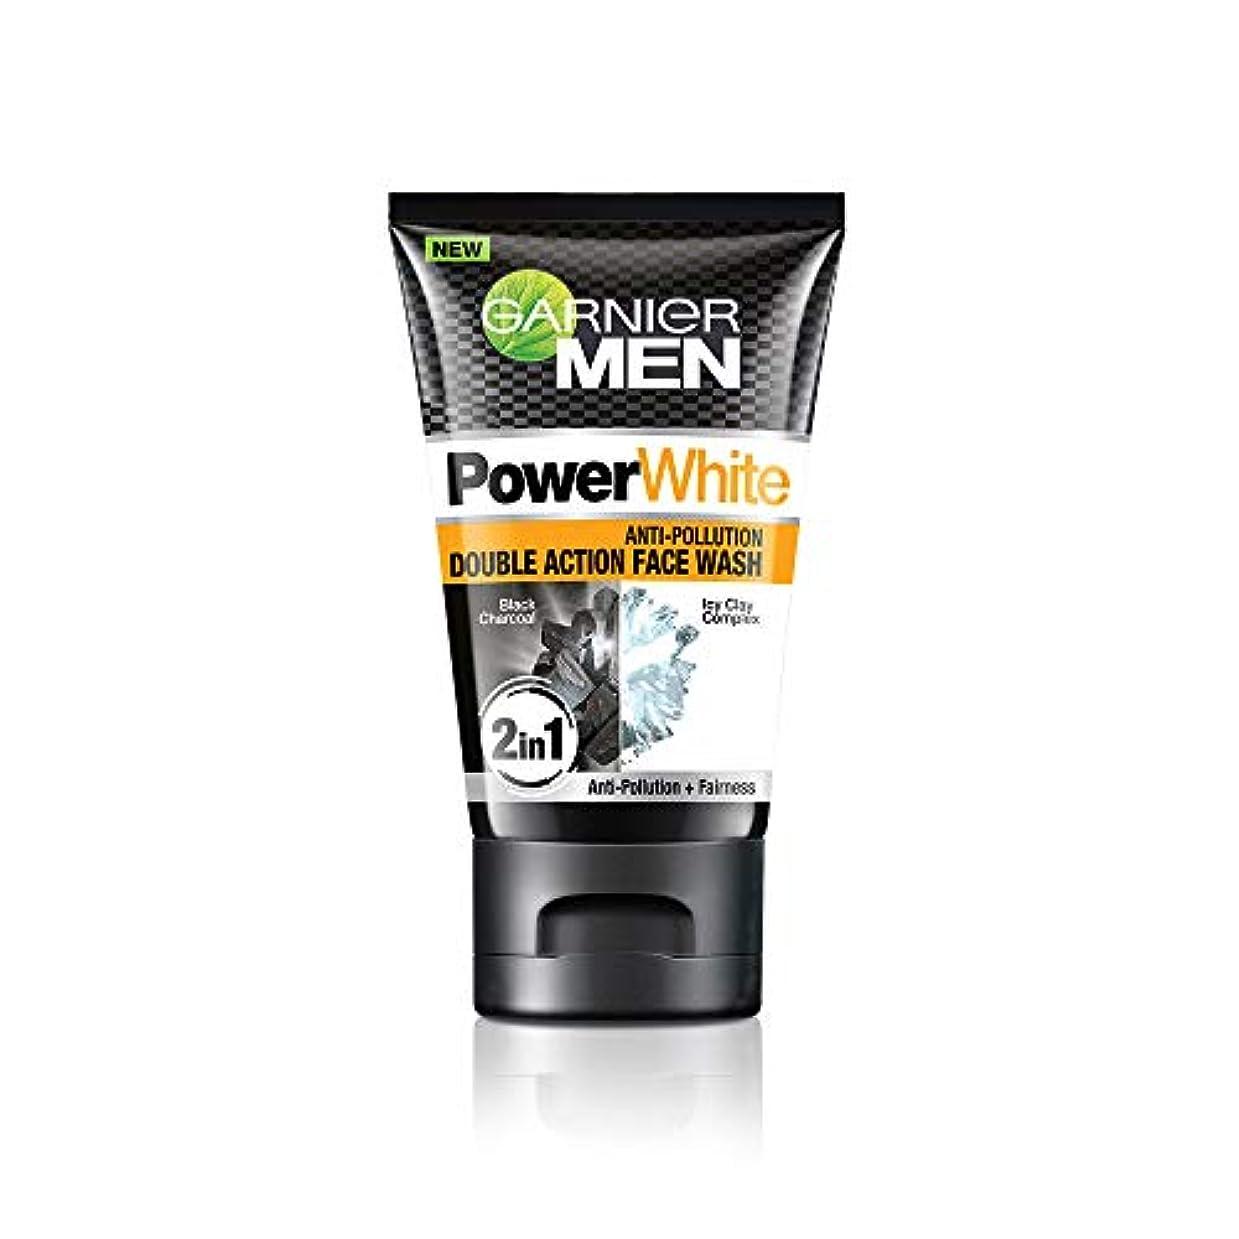 お尻マンモスブラシGarnier Men Power White Anti-Pollution Double Action Facewash, 100gm